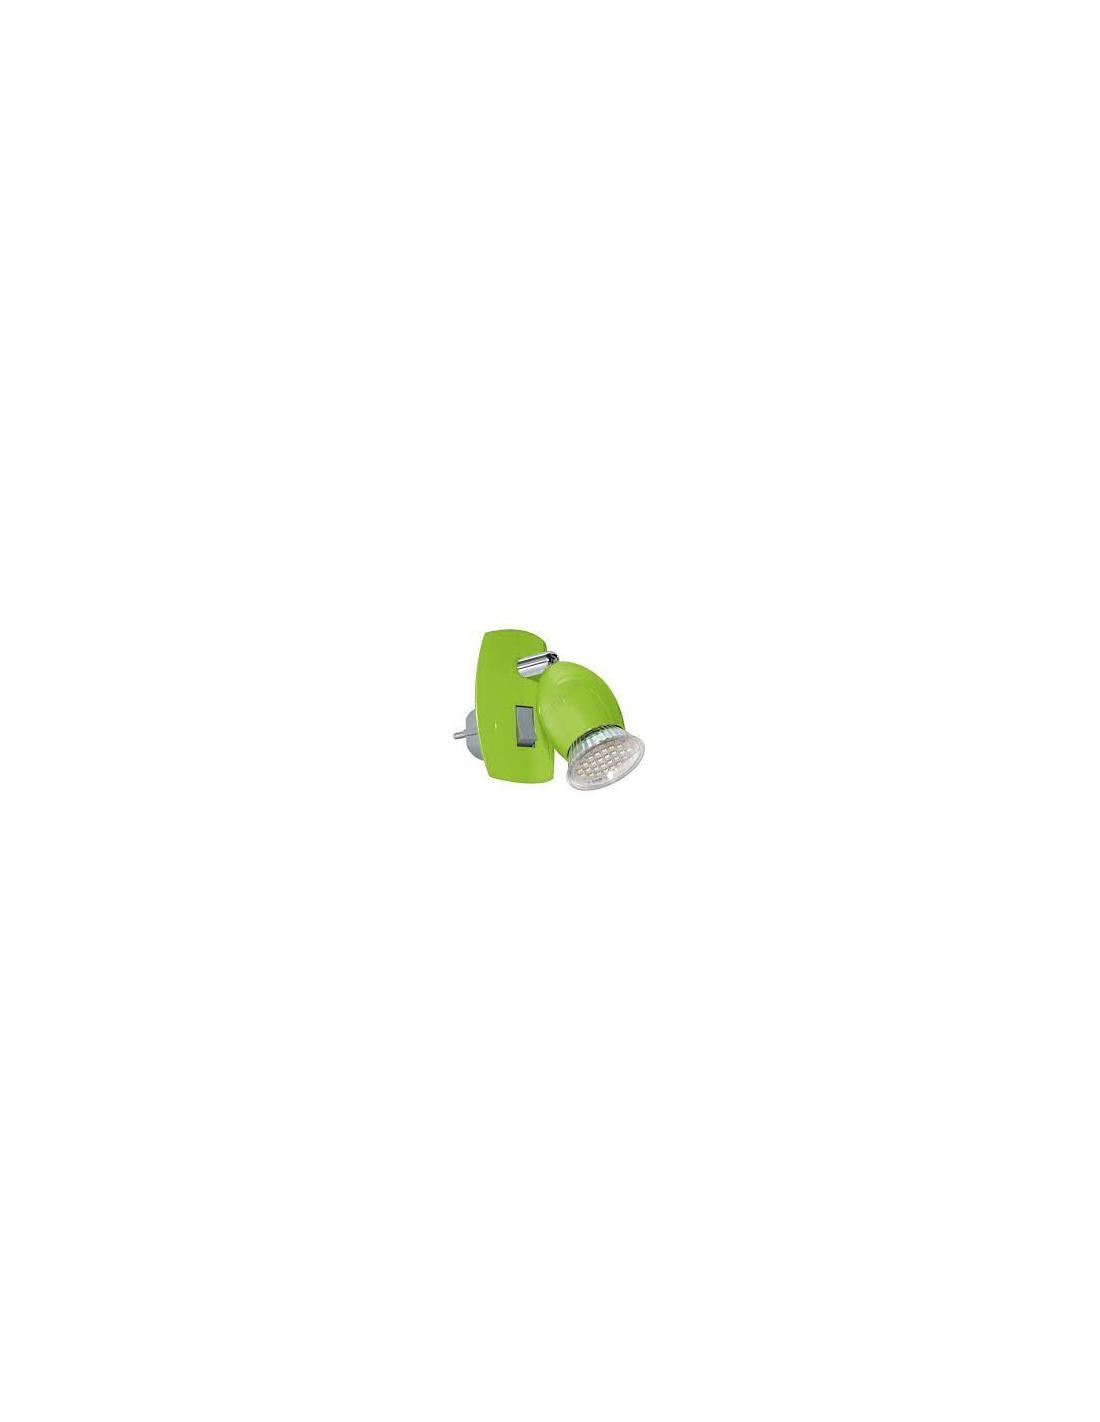 AMPOULE plug-in lamp/1 green/chrome 'BRIVI 1' EGLO - 1